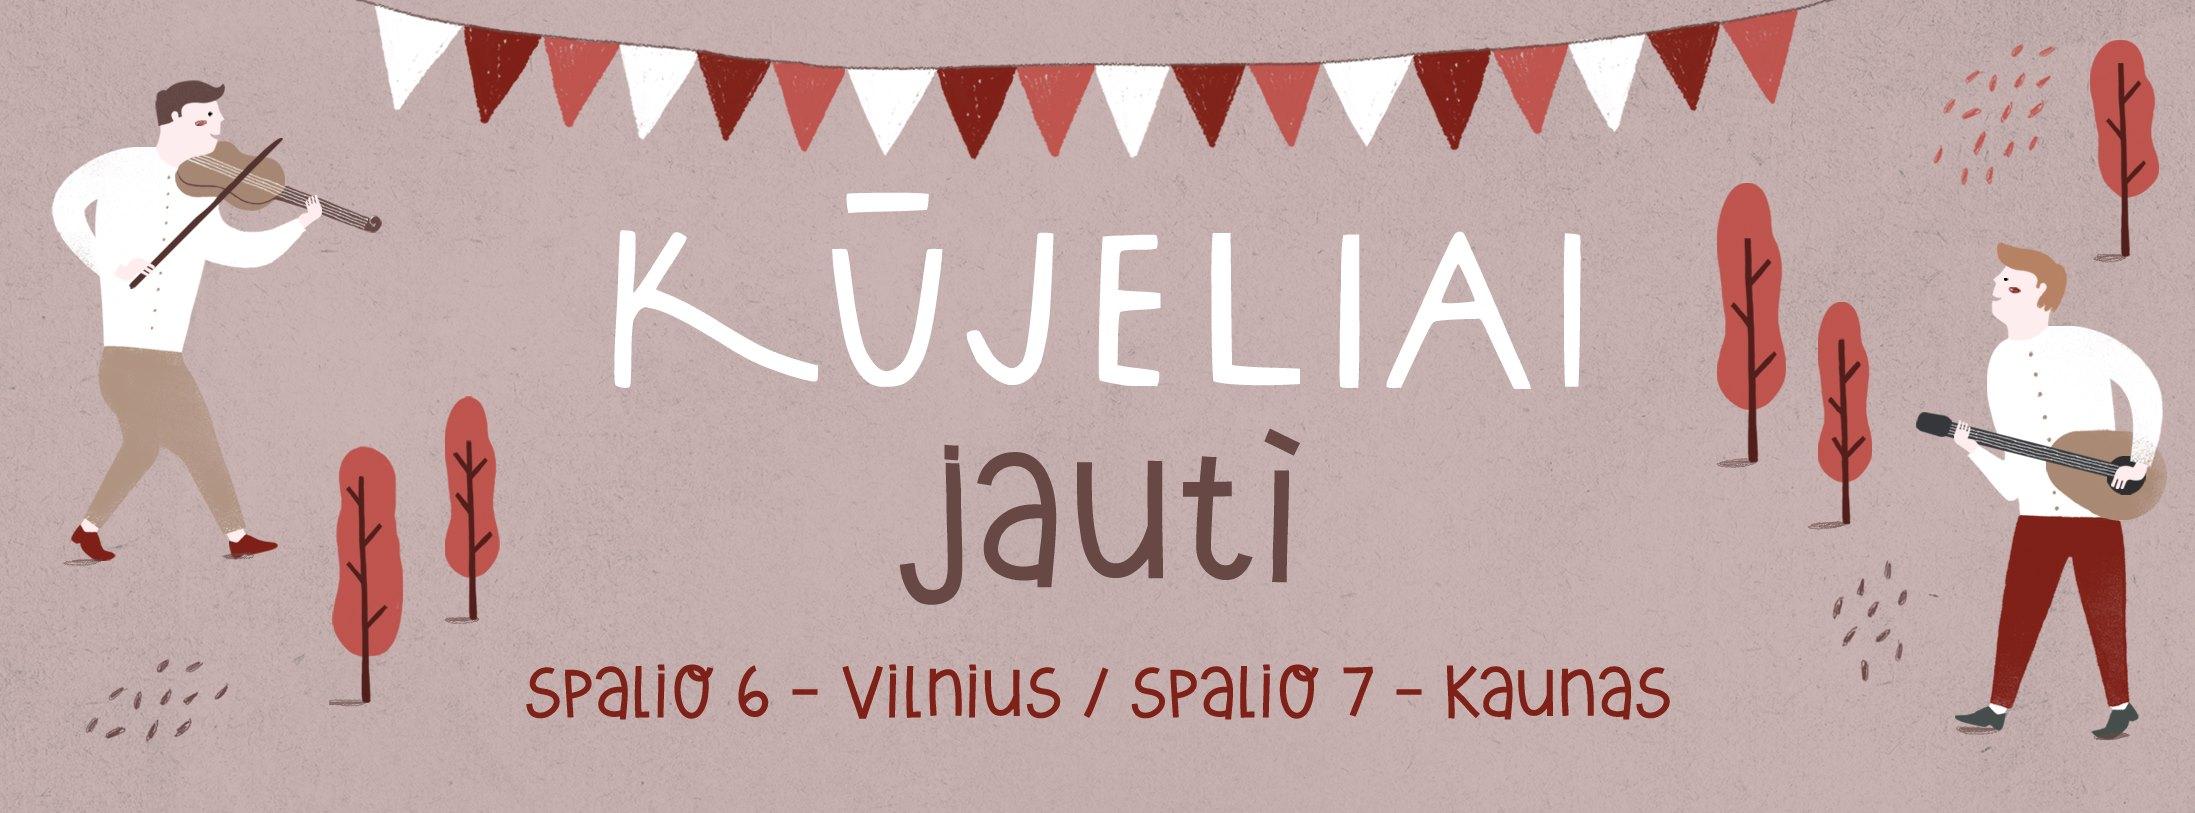 Vilnius_Kaunas_Kujeliai